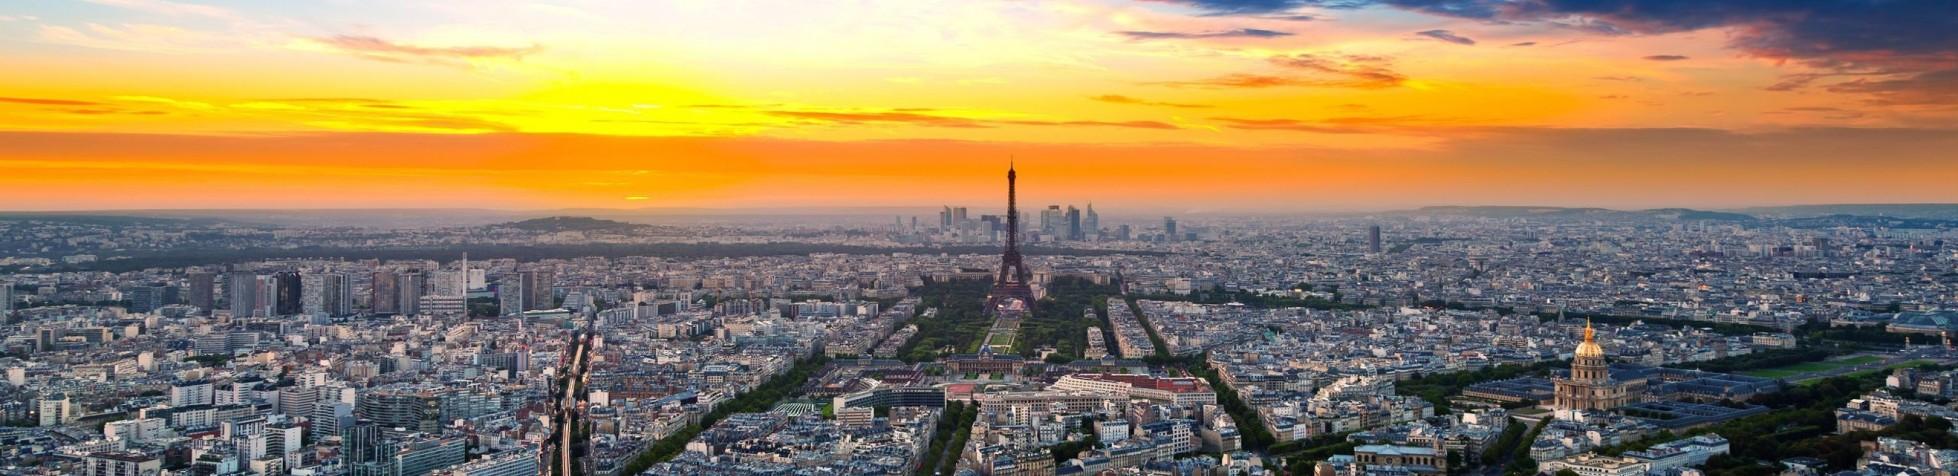 PARIZ NOVA GODINA 2020 AVIONOM